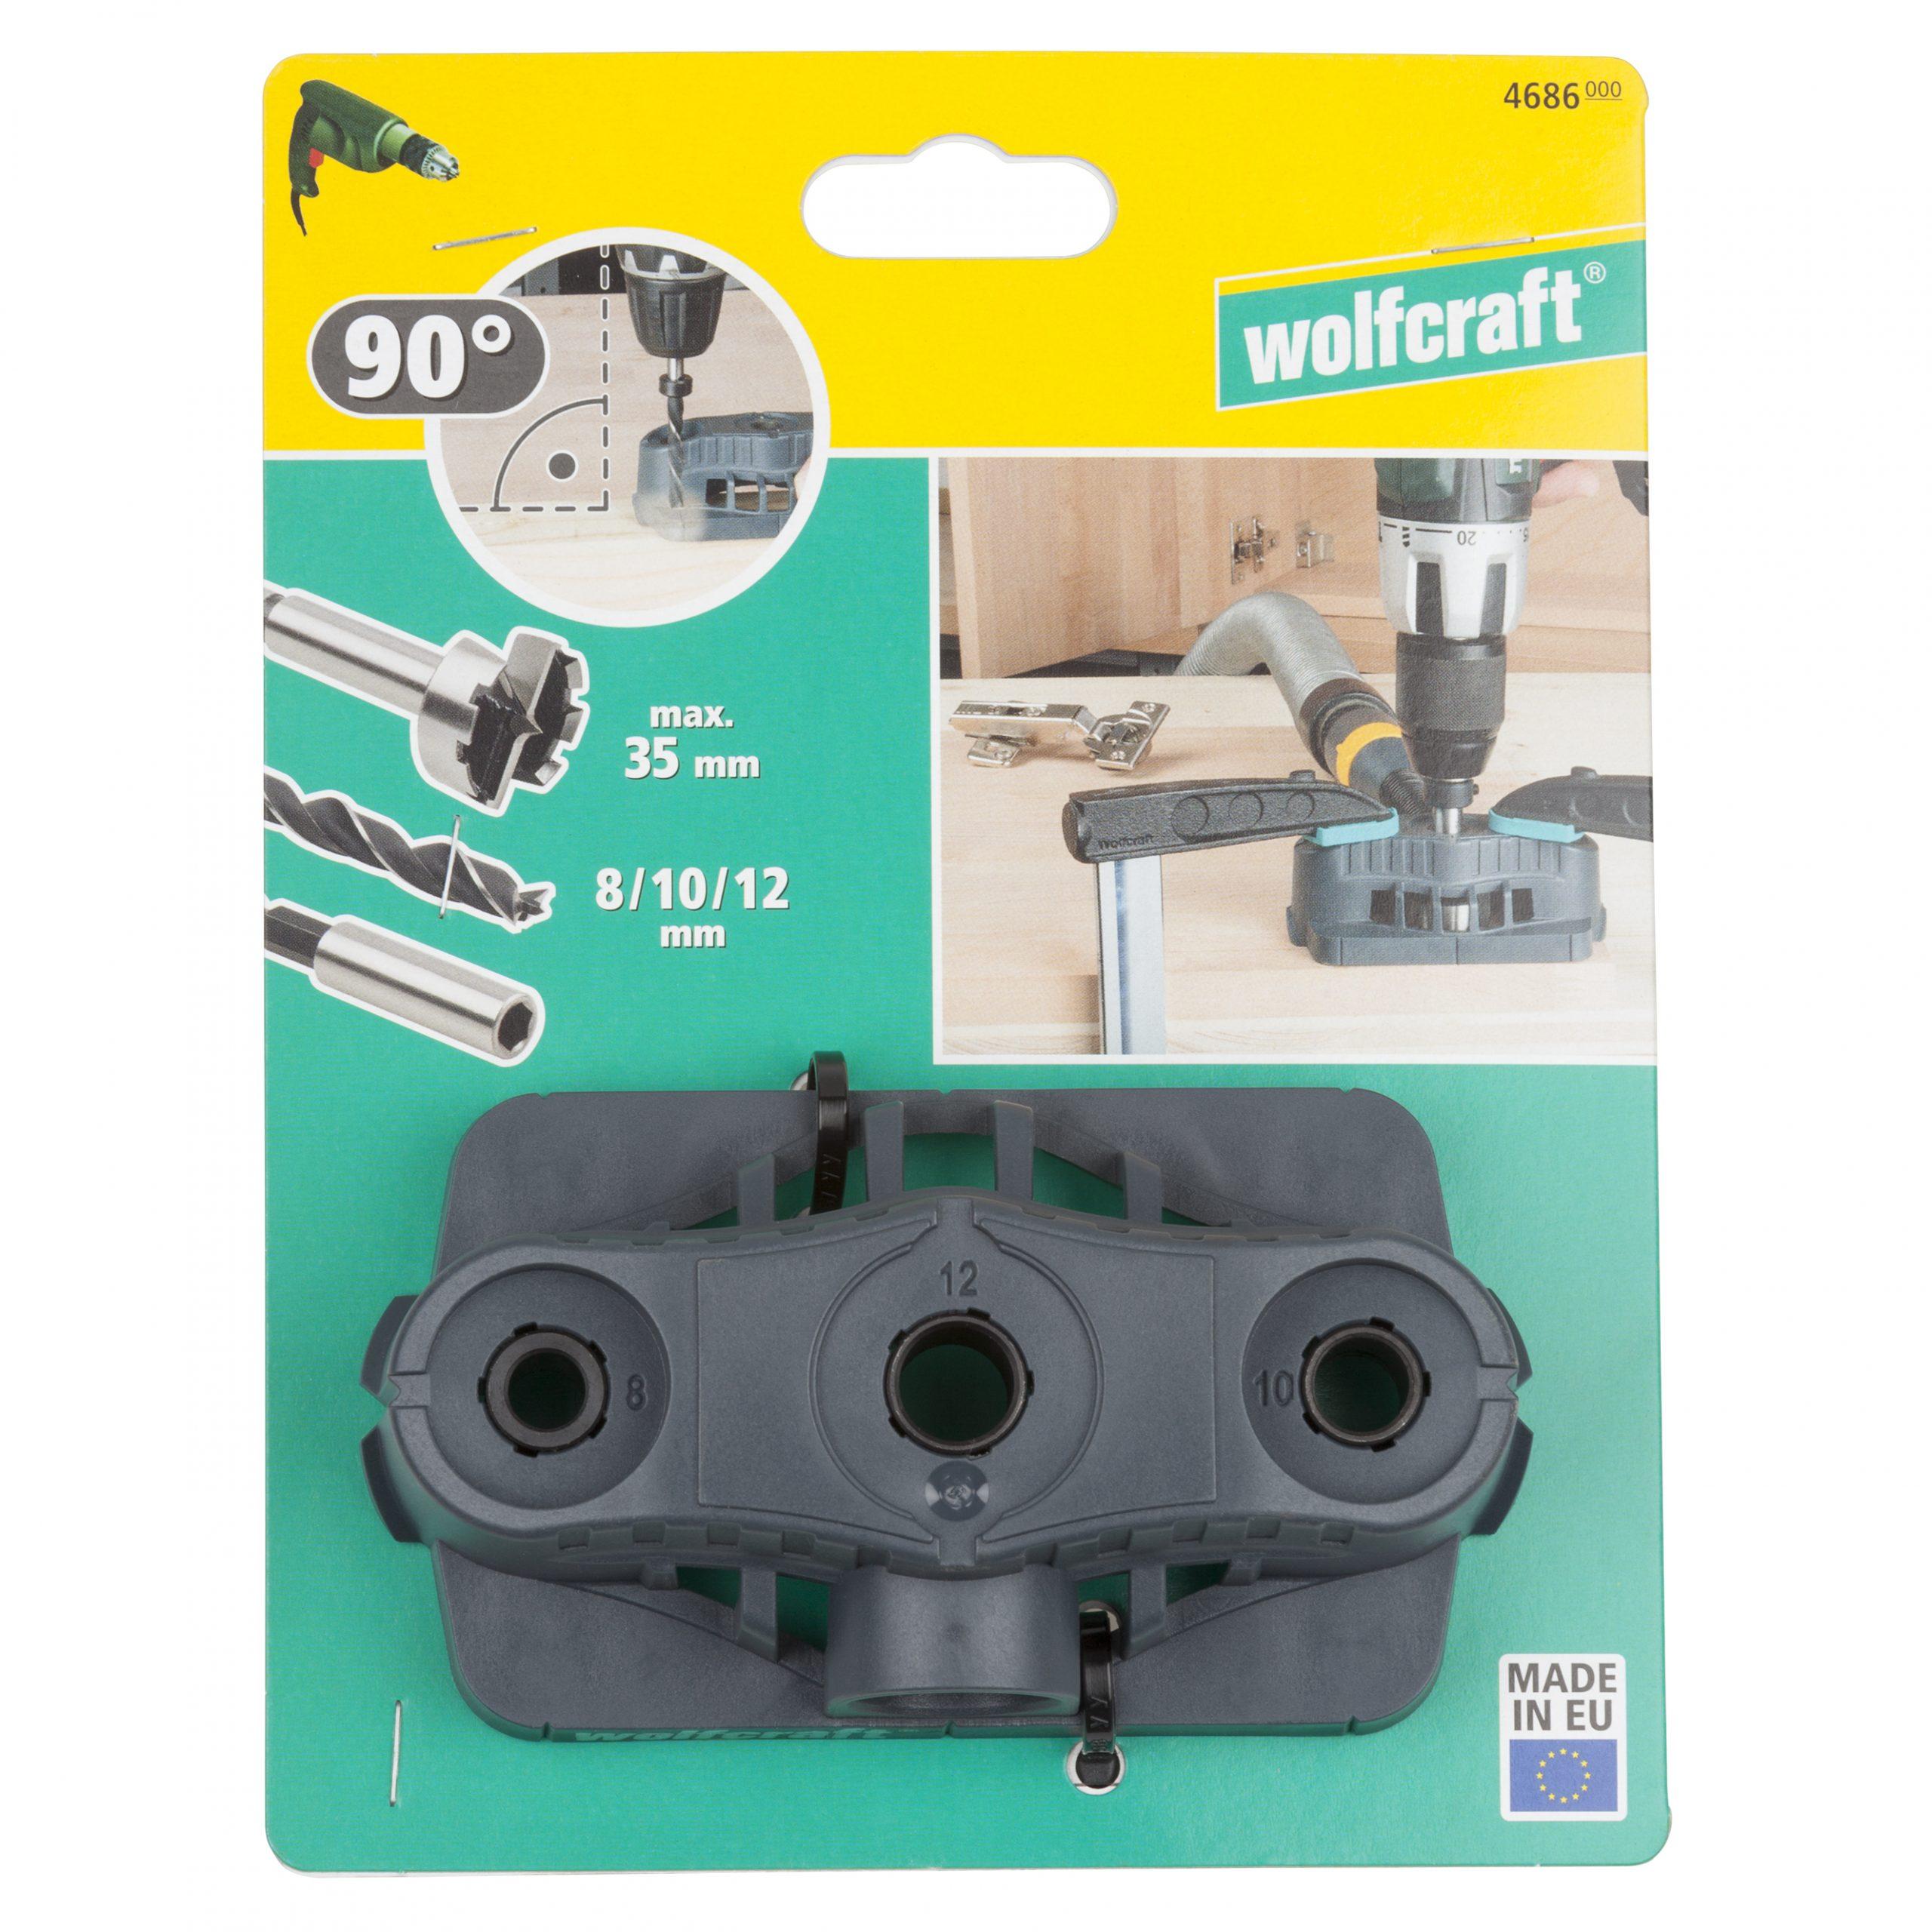 Wolfcraft vŕtacie pomôcka pre vrtáky Forstner 4686000